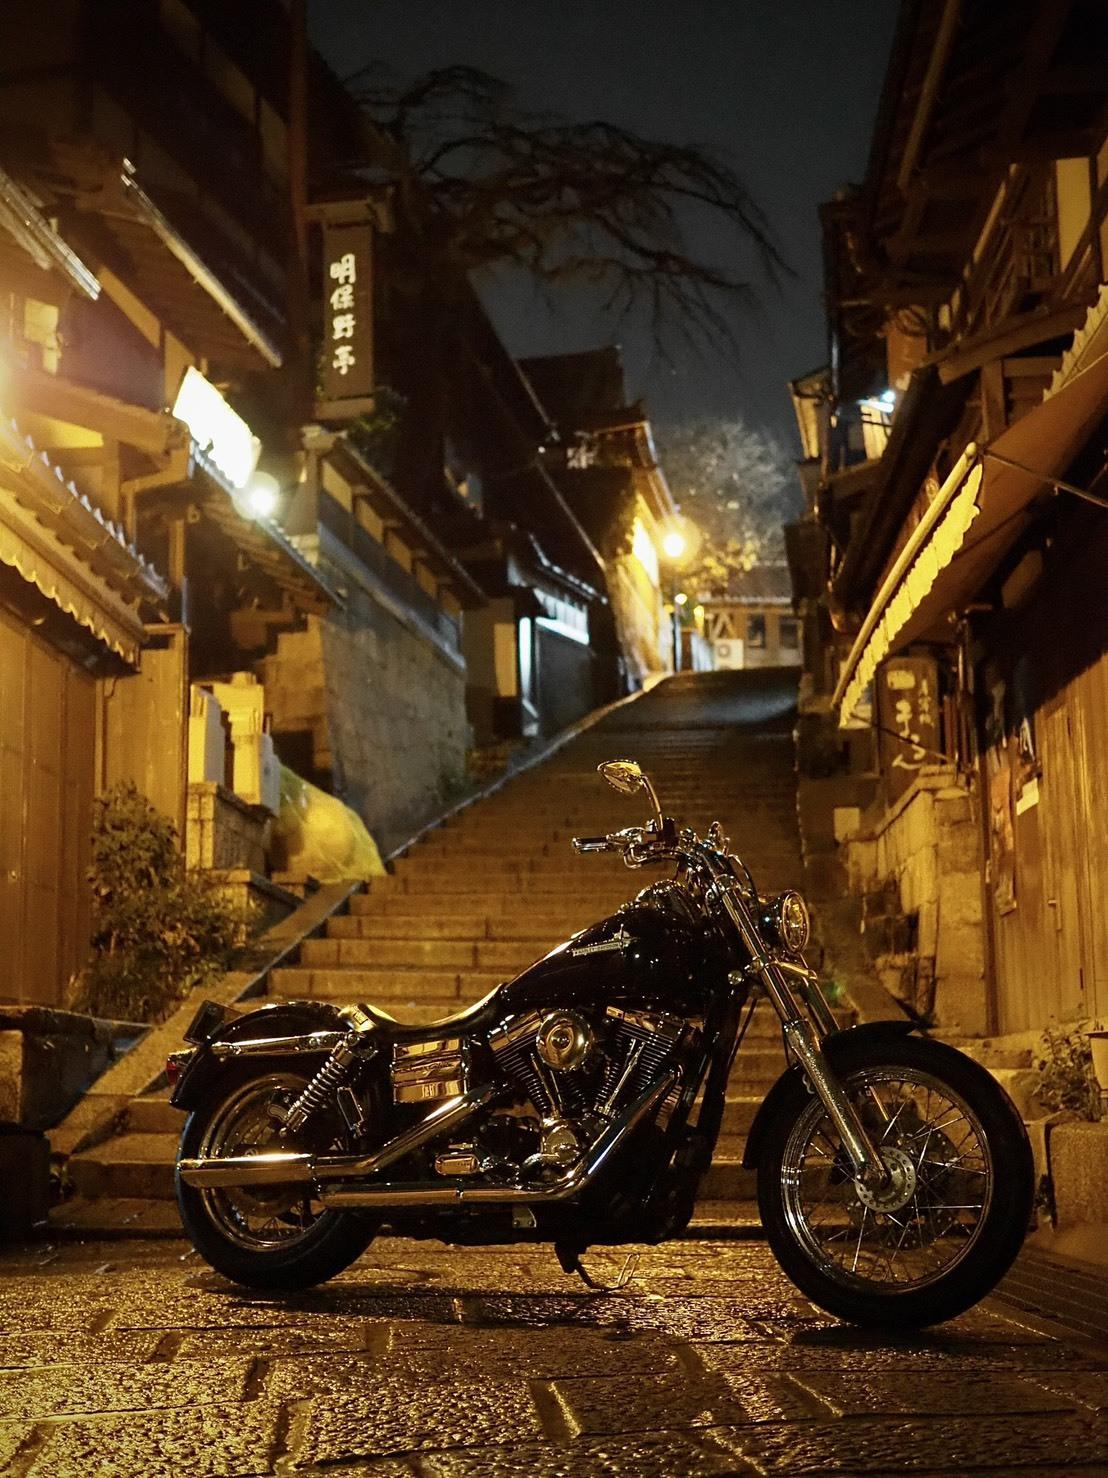 ぴーきちハーレーブログ 京都ナイトツーリング 三年坂 産寧坂 夜景 階段 雨の京都